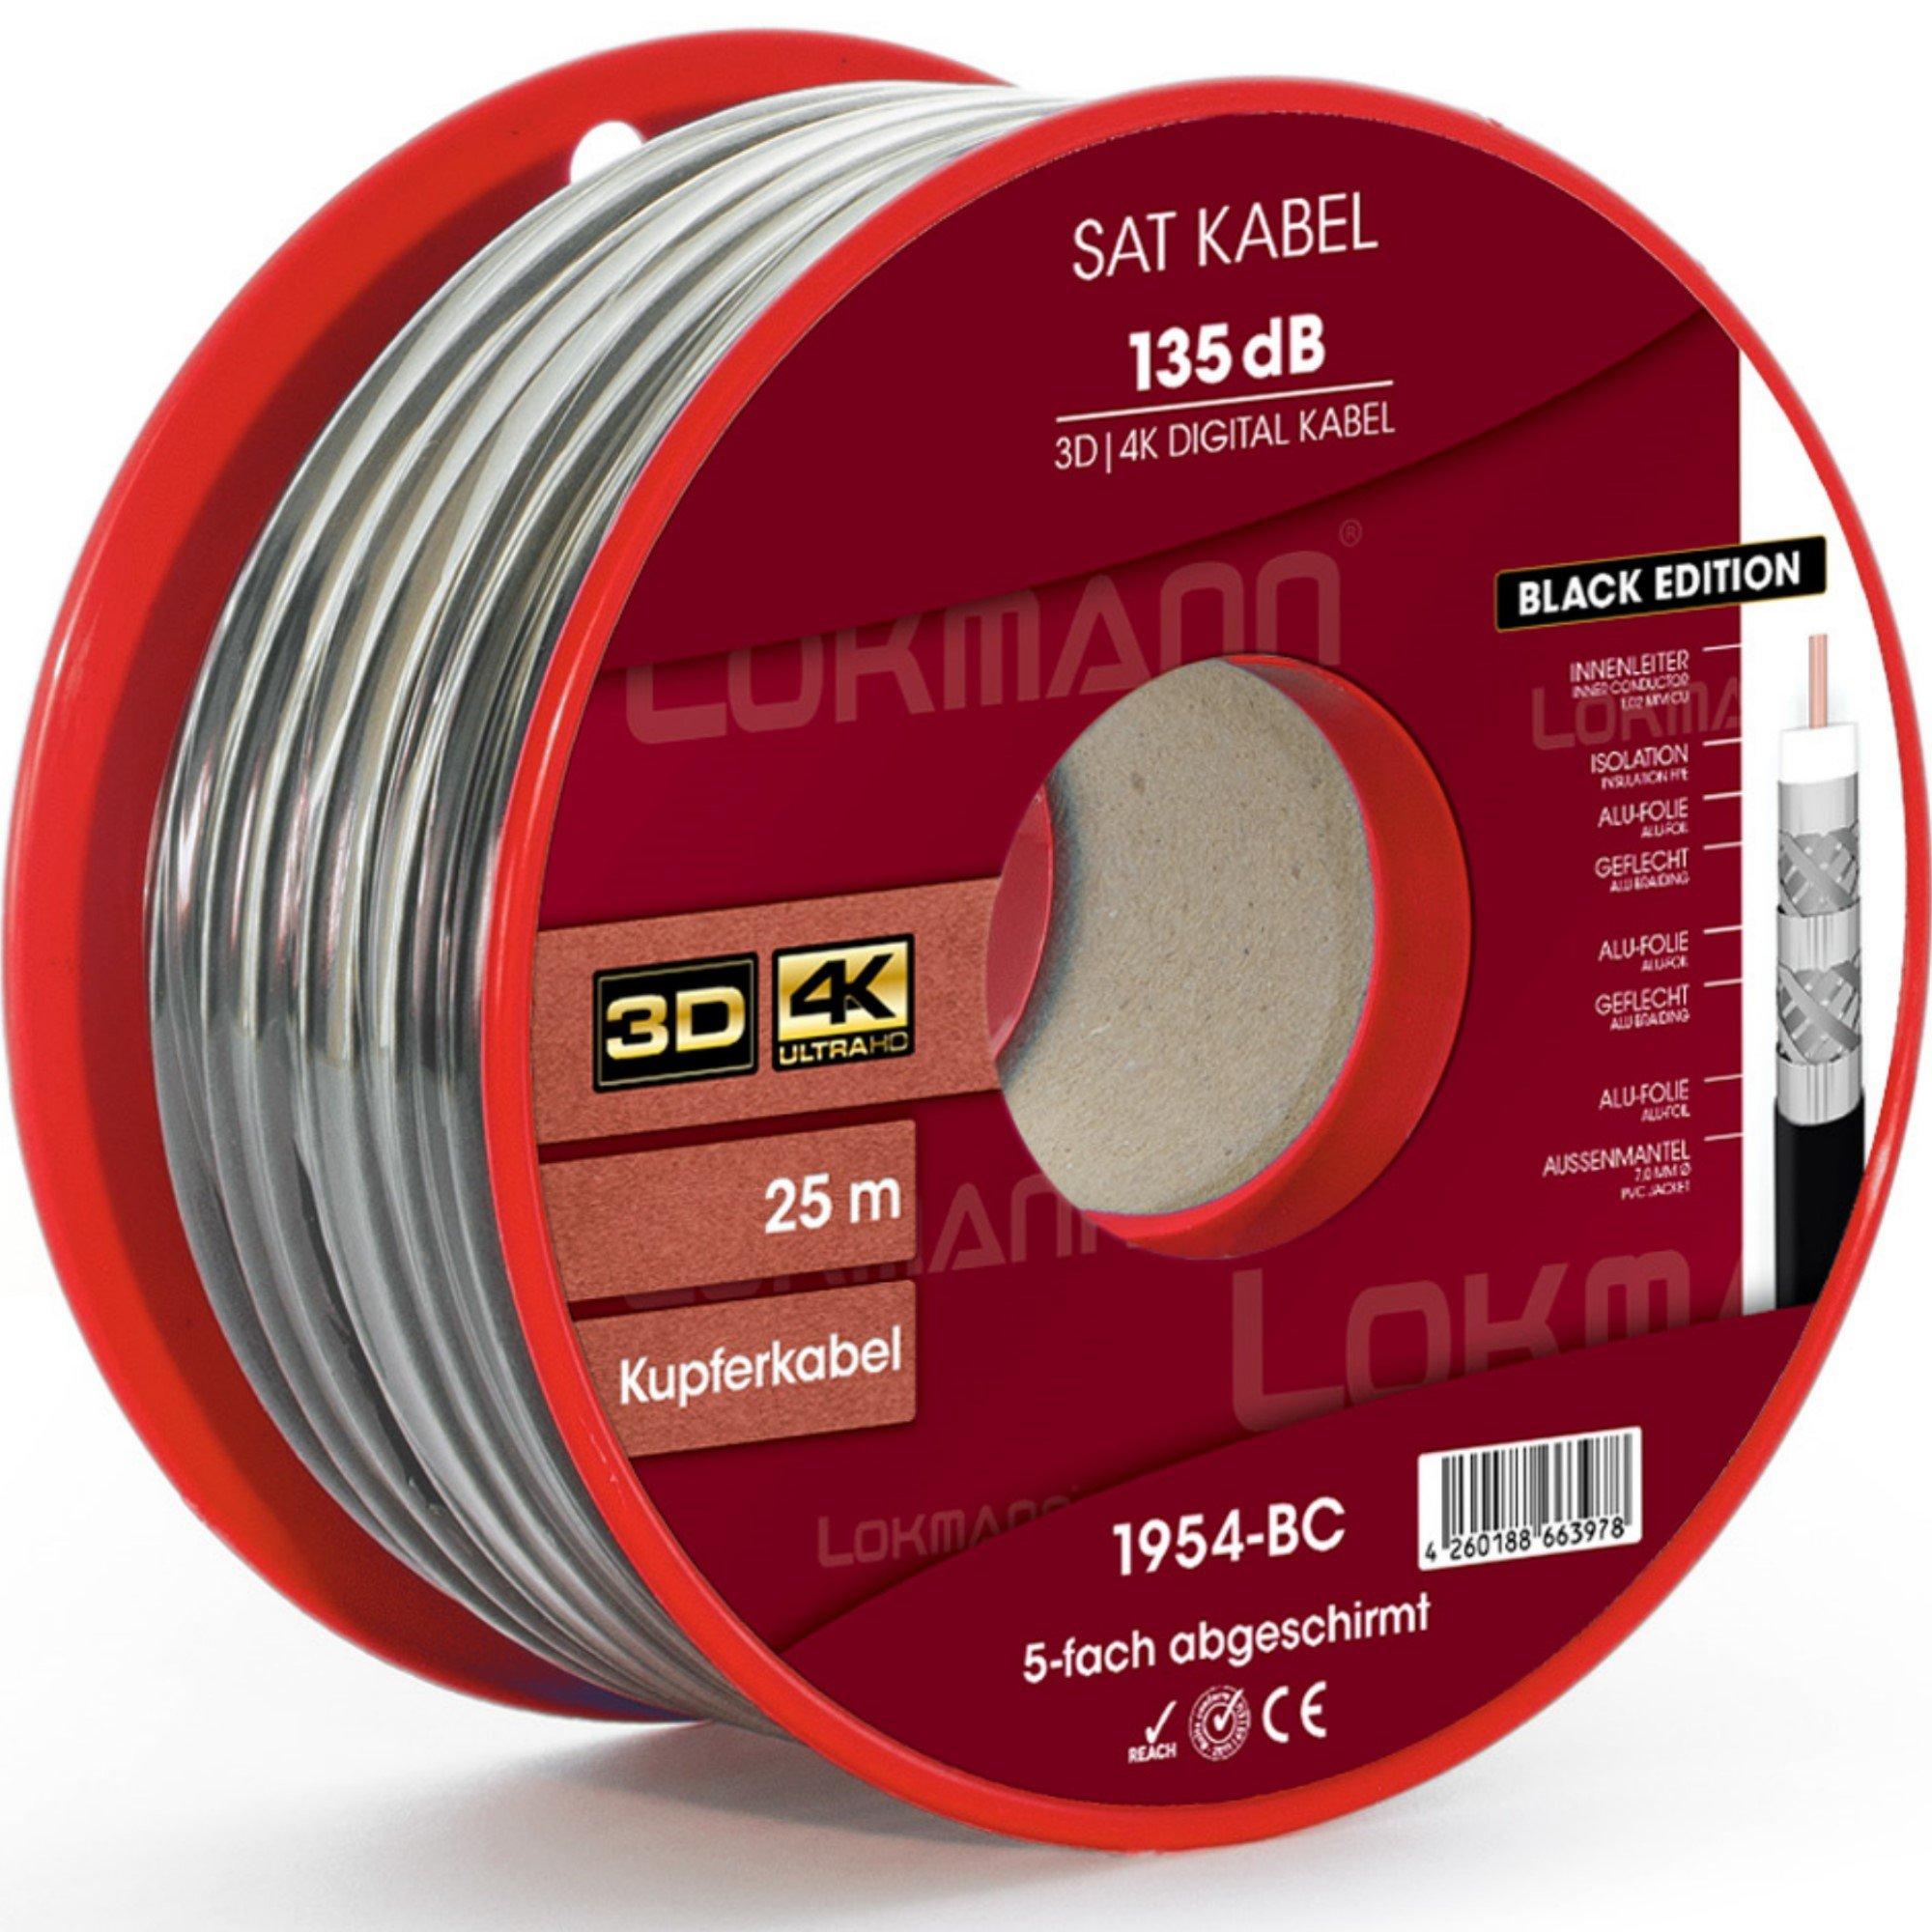 Negro 25 m Cobre Puro KU 135 dB apantallado, 5 de cable coaxial ...